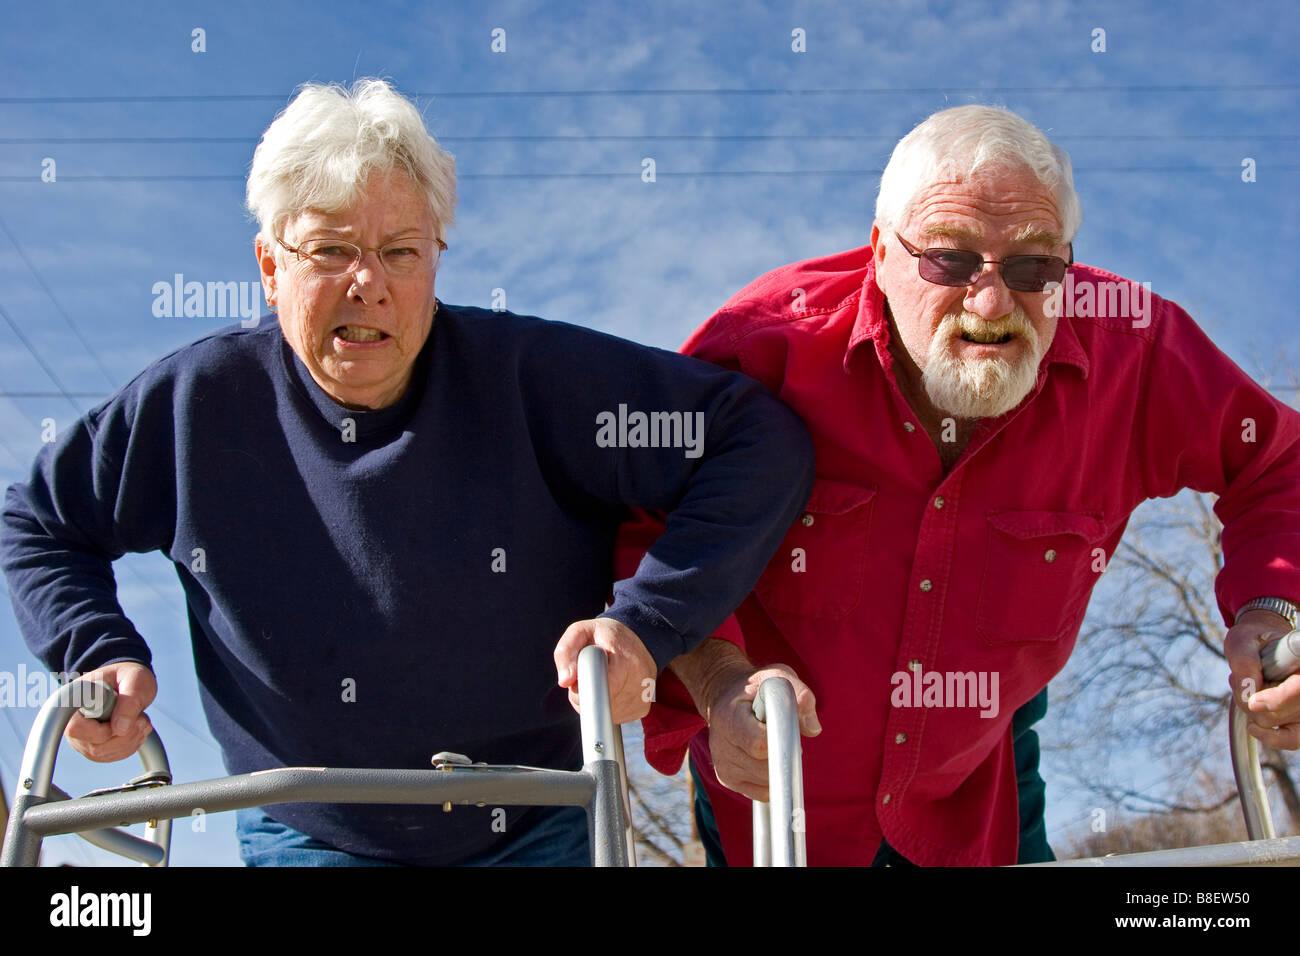 Coppia di anziani si prepara a corsa utilizzando i camminatori, concorrenza umorismo, scherzando Foto Stock